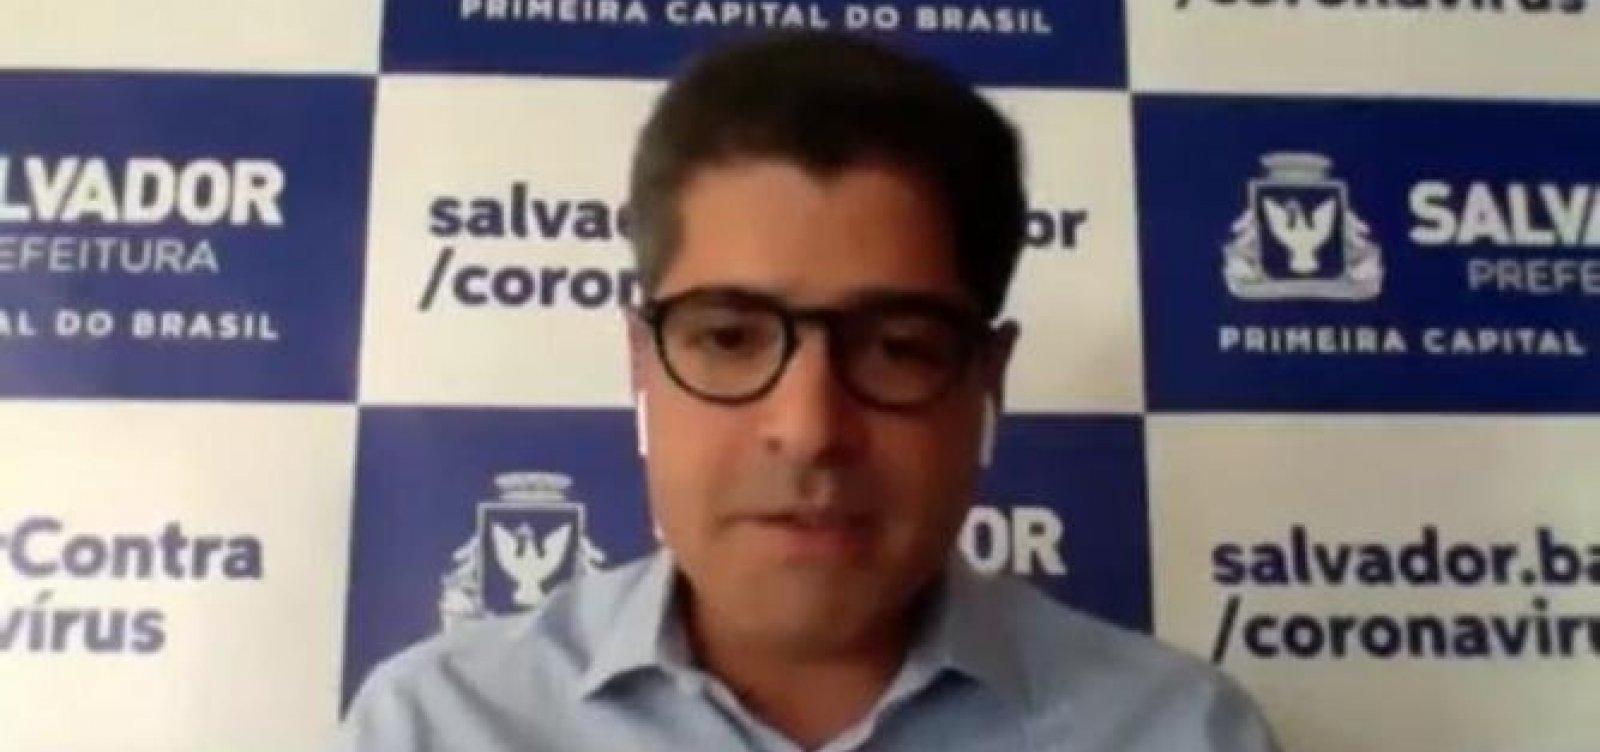 [ACM Neto diz que lutará com PT, PCdoB e PSOL, se precisar, para defender democracia]